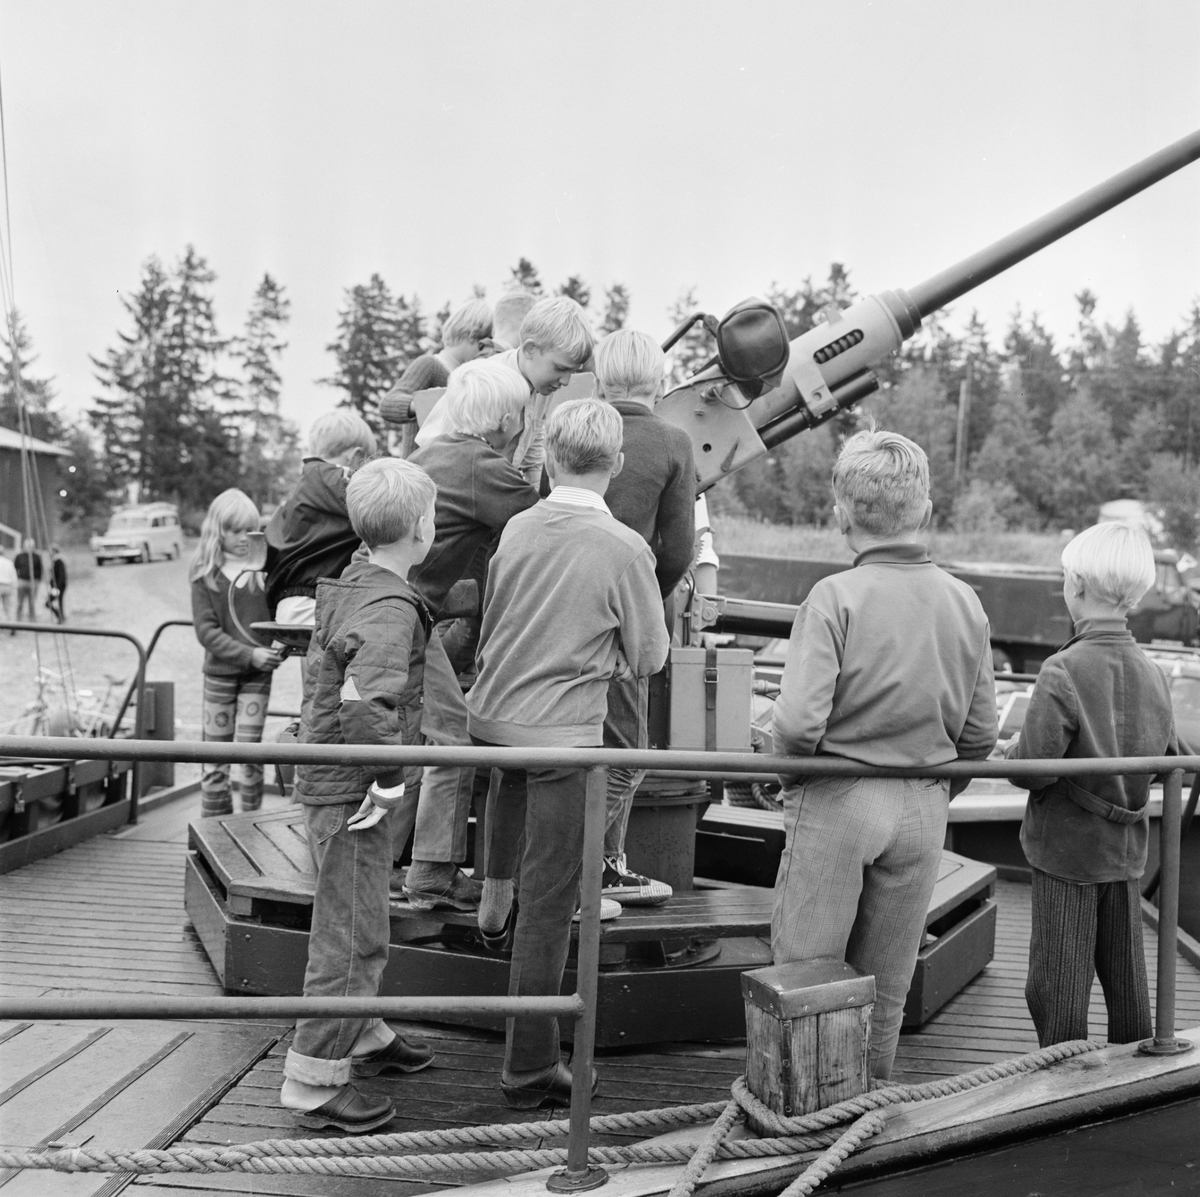 Lionsfest i Fagerviken, Hållnäs socken, Uppland, augusti 1968